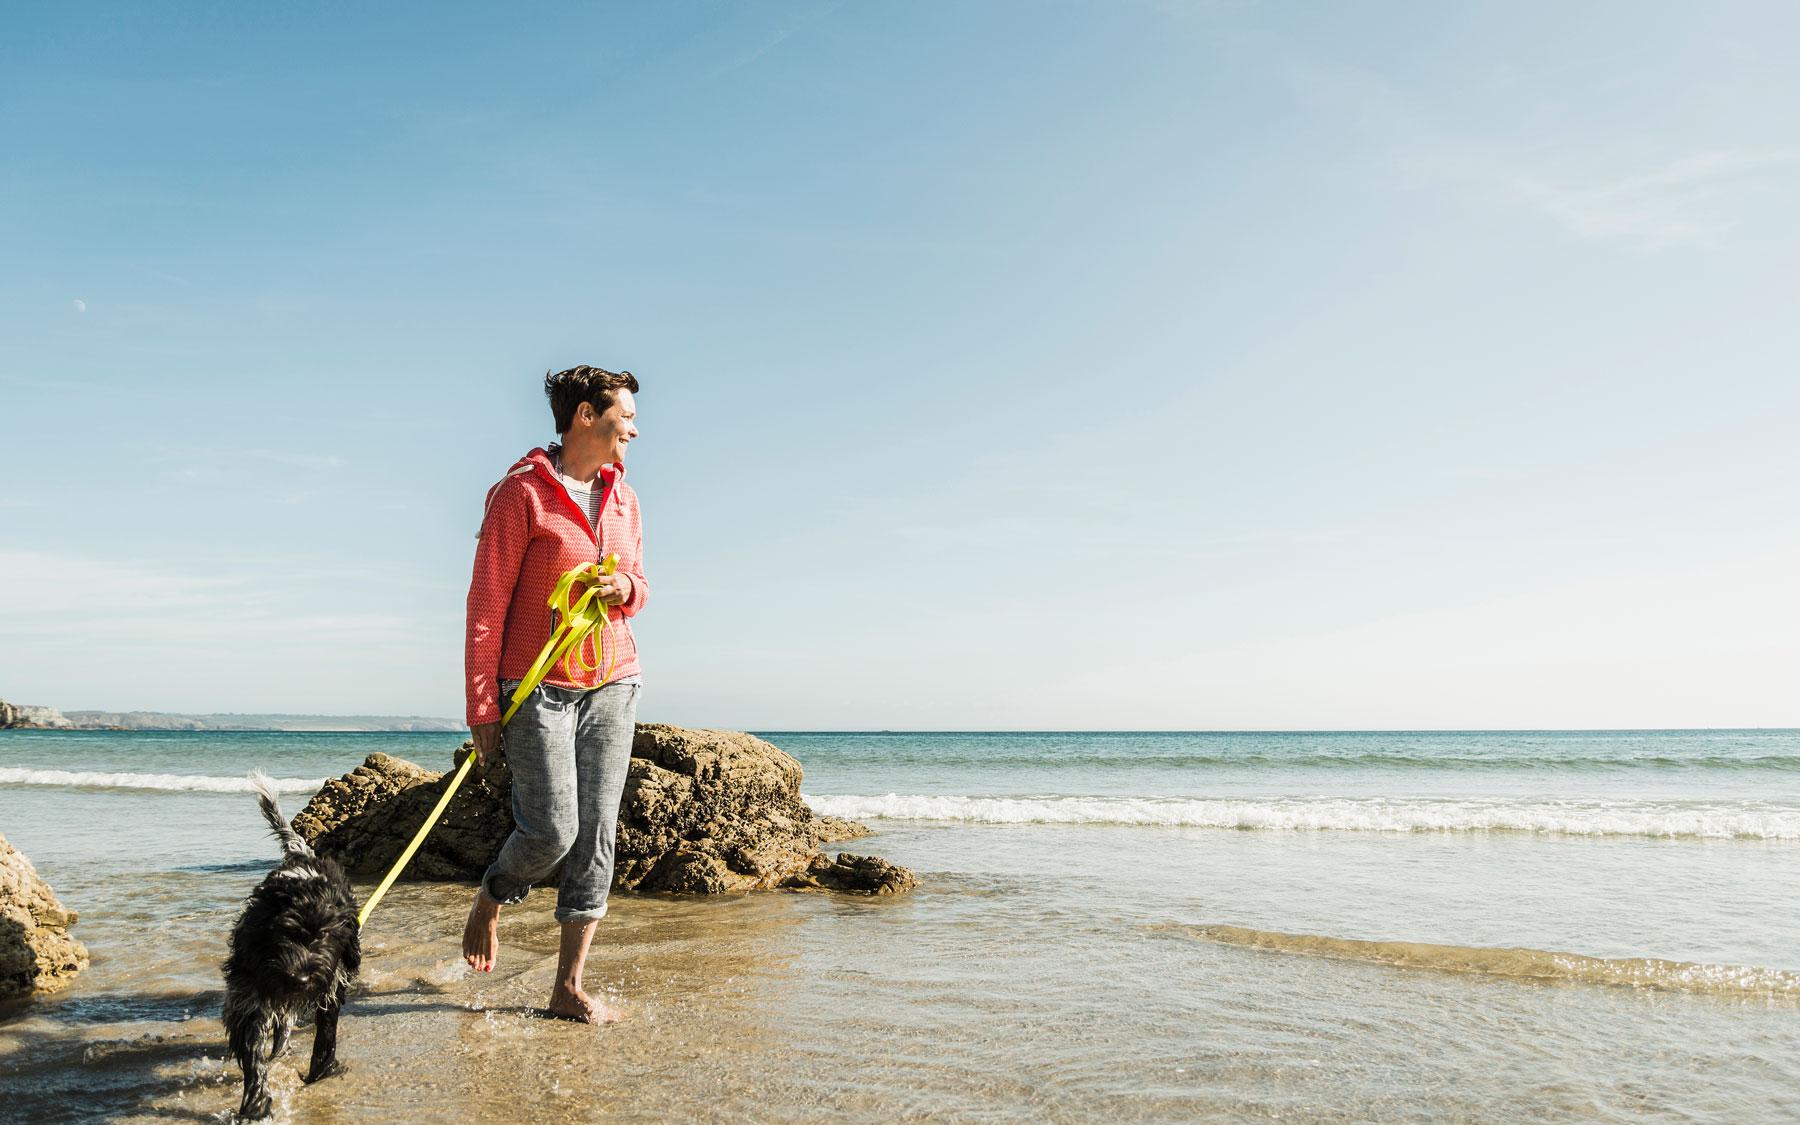 Αθλητισμός Οφέλη Υγεία: Το περπάτημα συνδέεται με μειωμένο κίνδυνο υψηλής αρτηριακής πίεσης μετά την εμμηνόπαυση [vid]